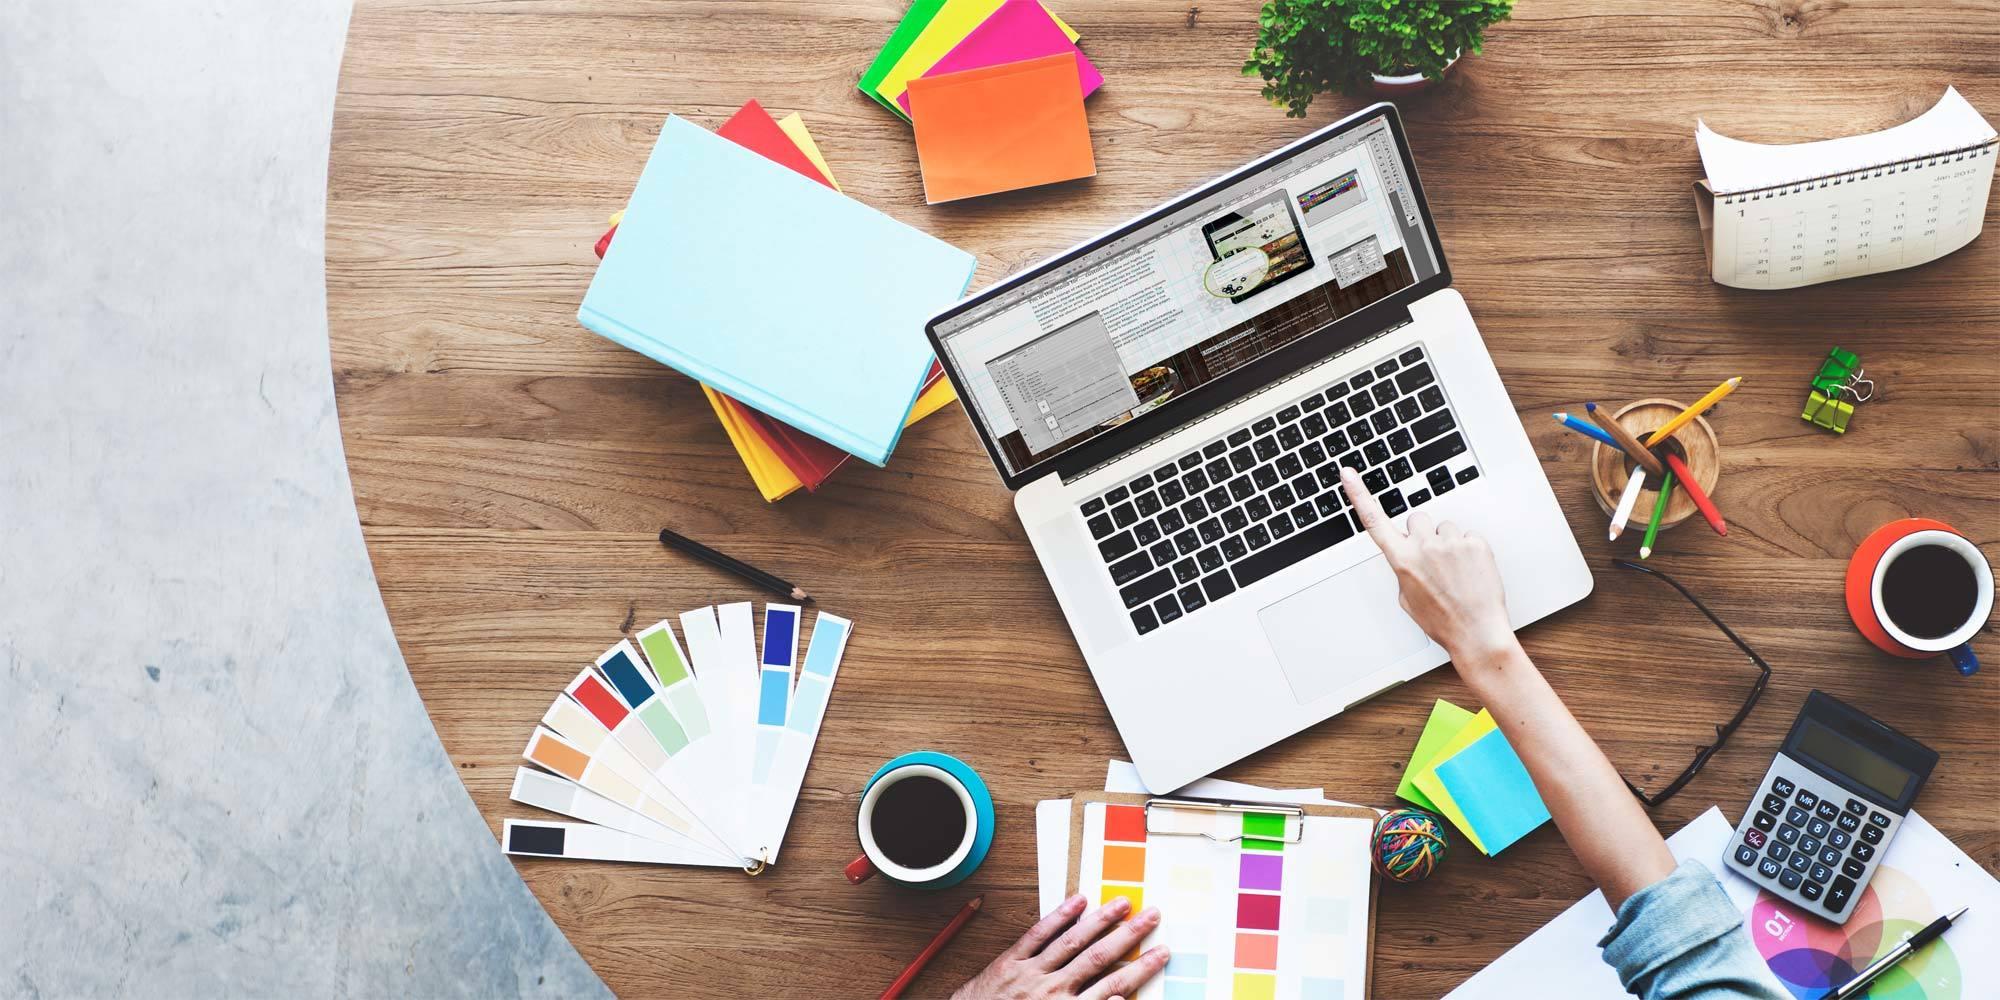 شروع وب و طراحی وب سایت